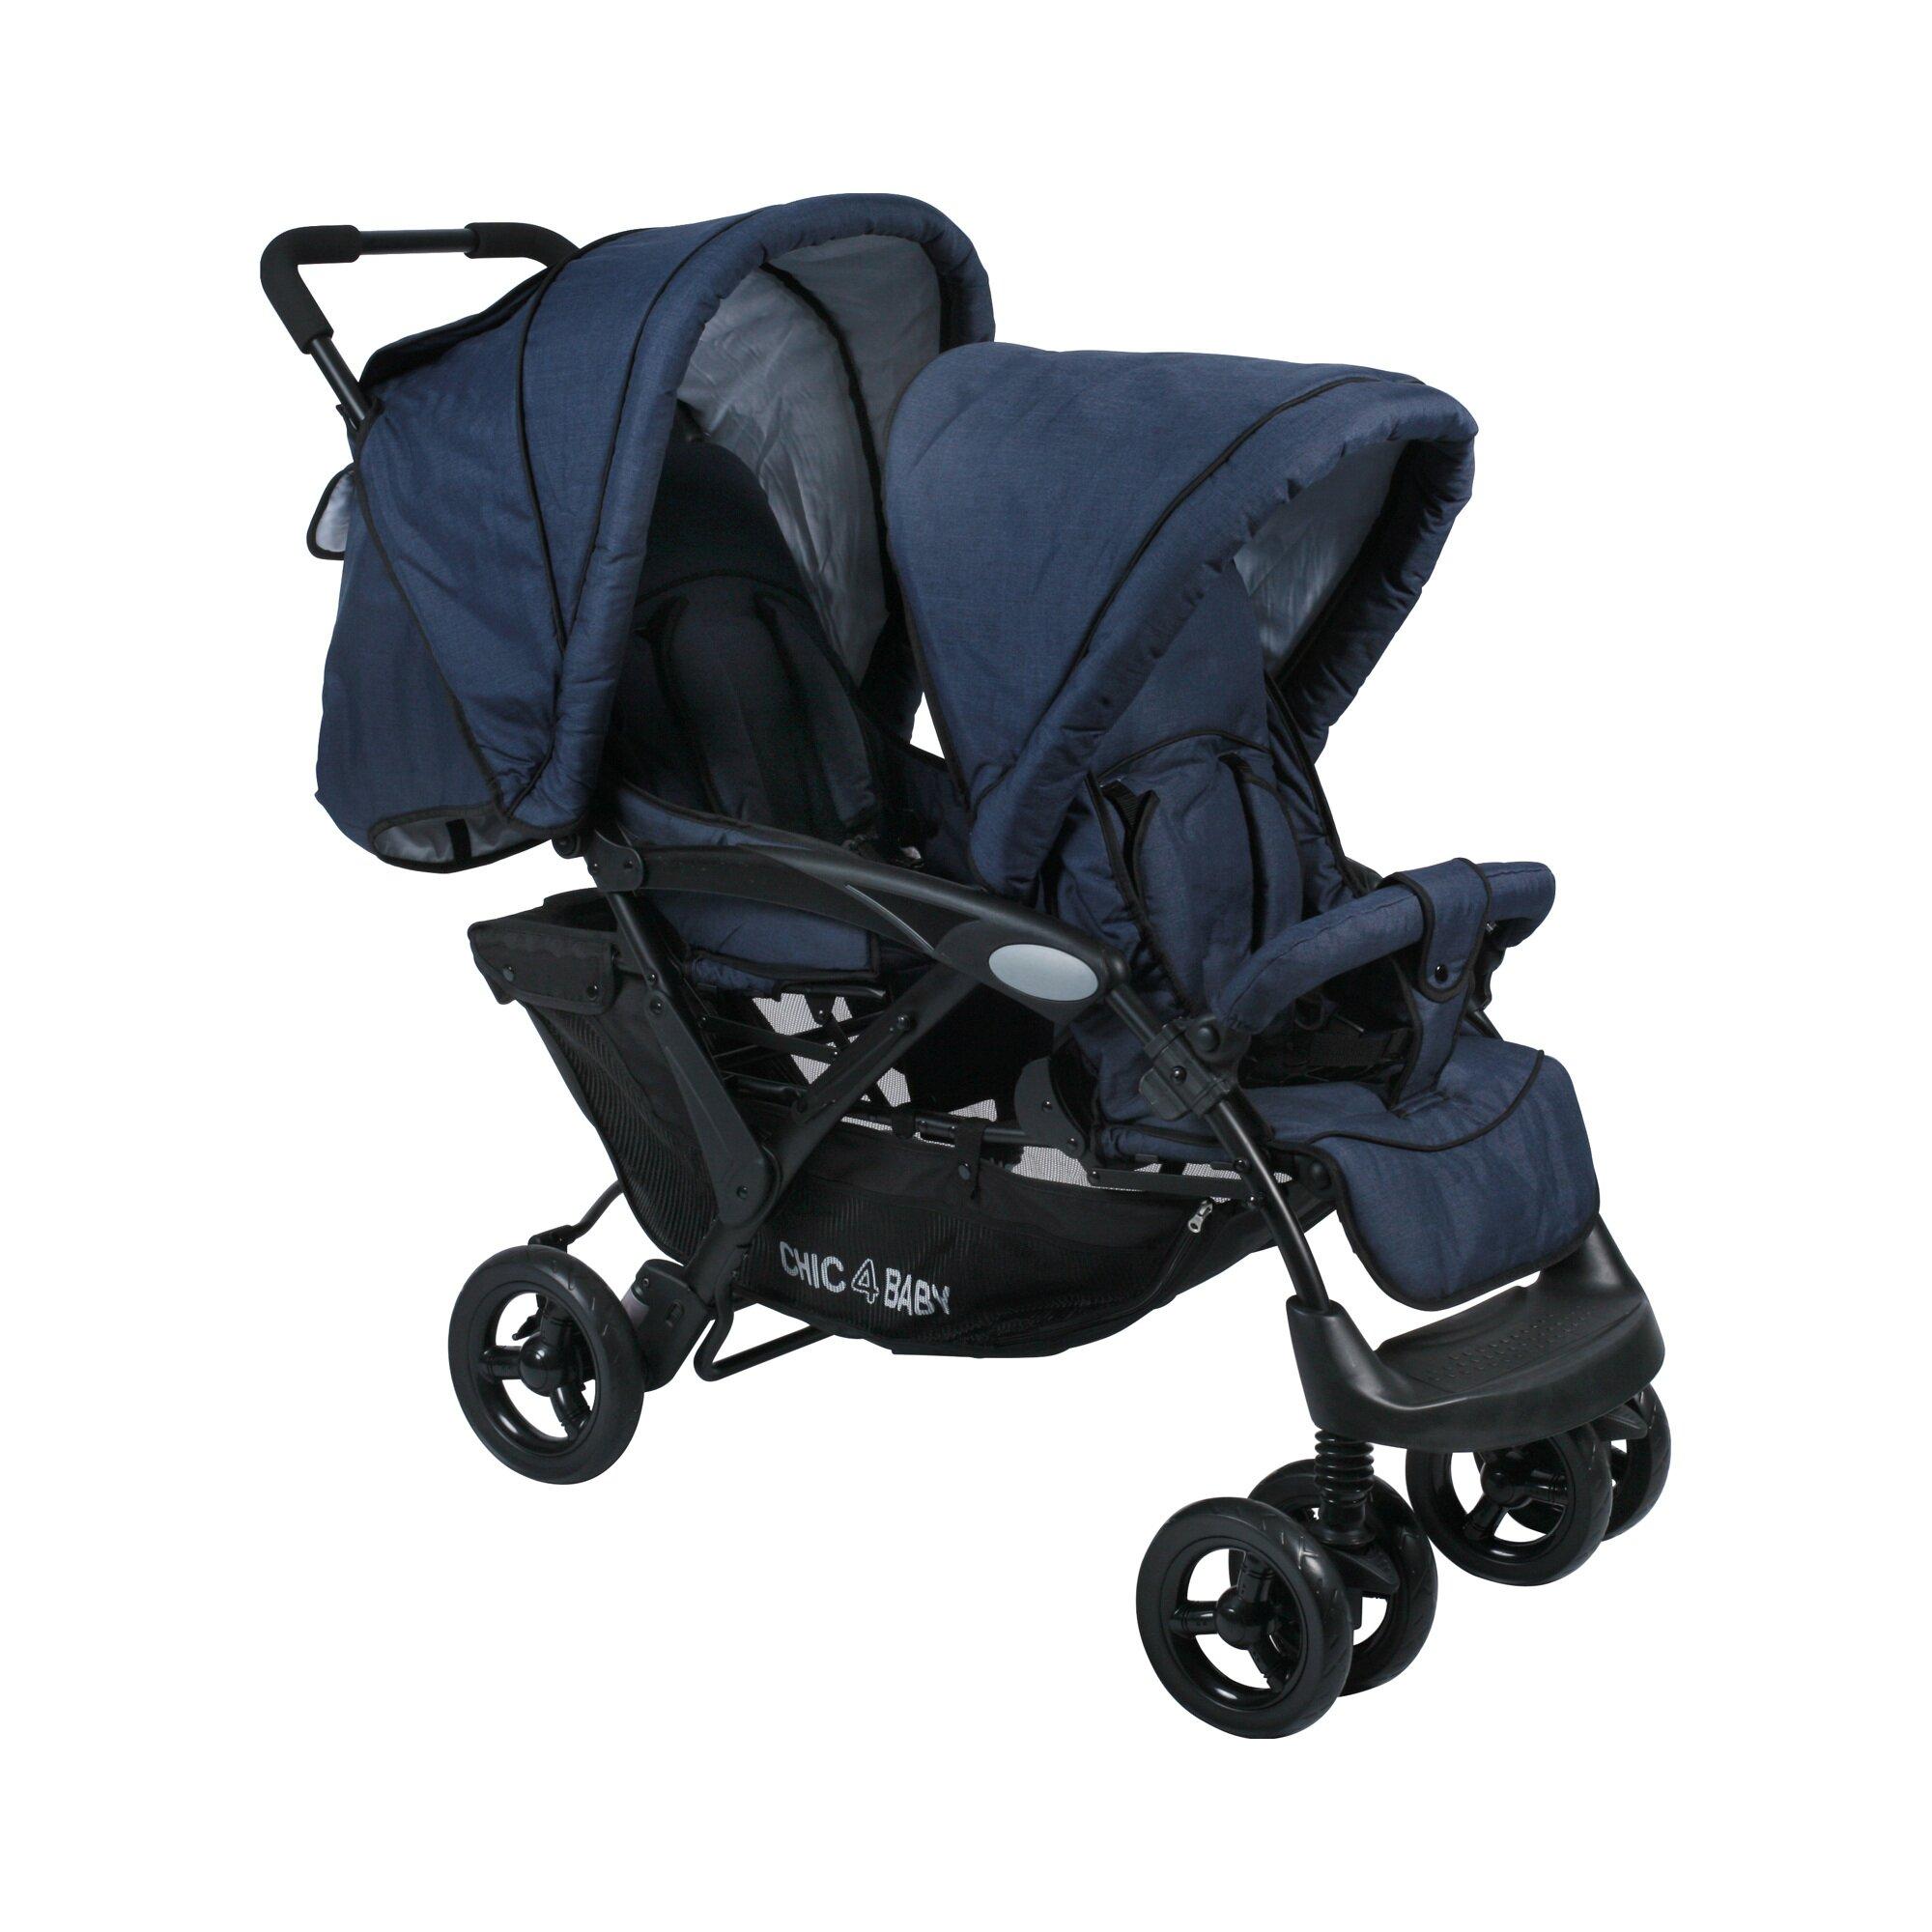 chic-4-baby-zwillings-und-kinderwagen-geschwisterwagen-duo-design-2018-blau